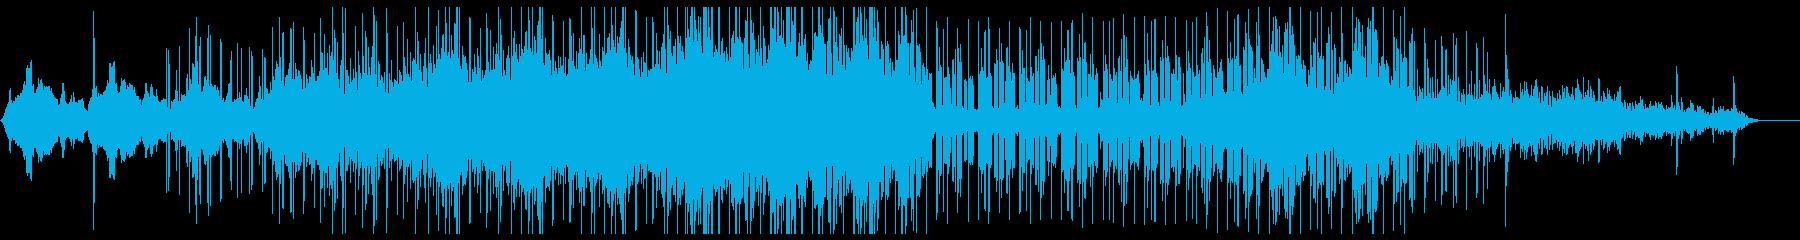 アンビエント 神経質 ファンタジー...の再生済みの波形